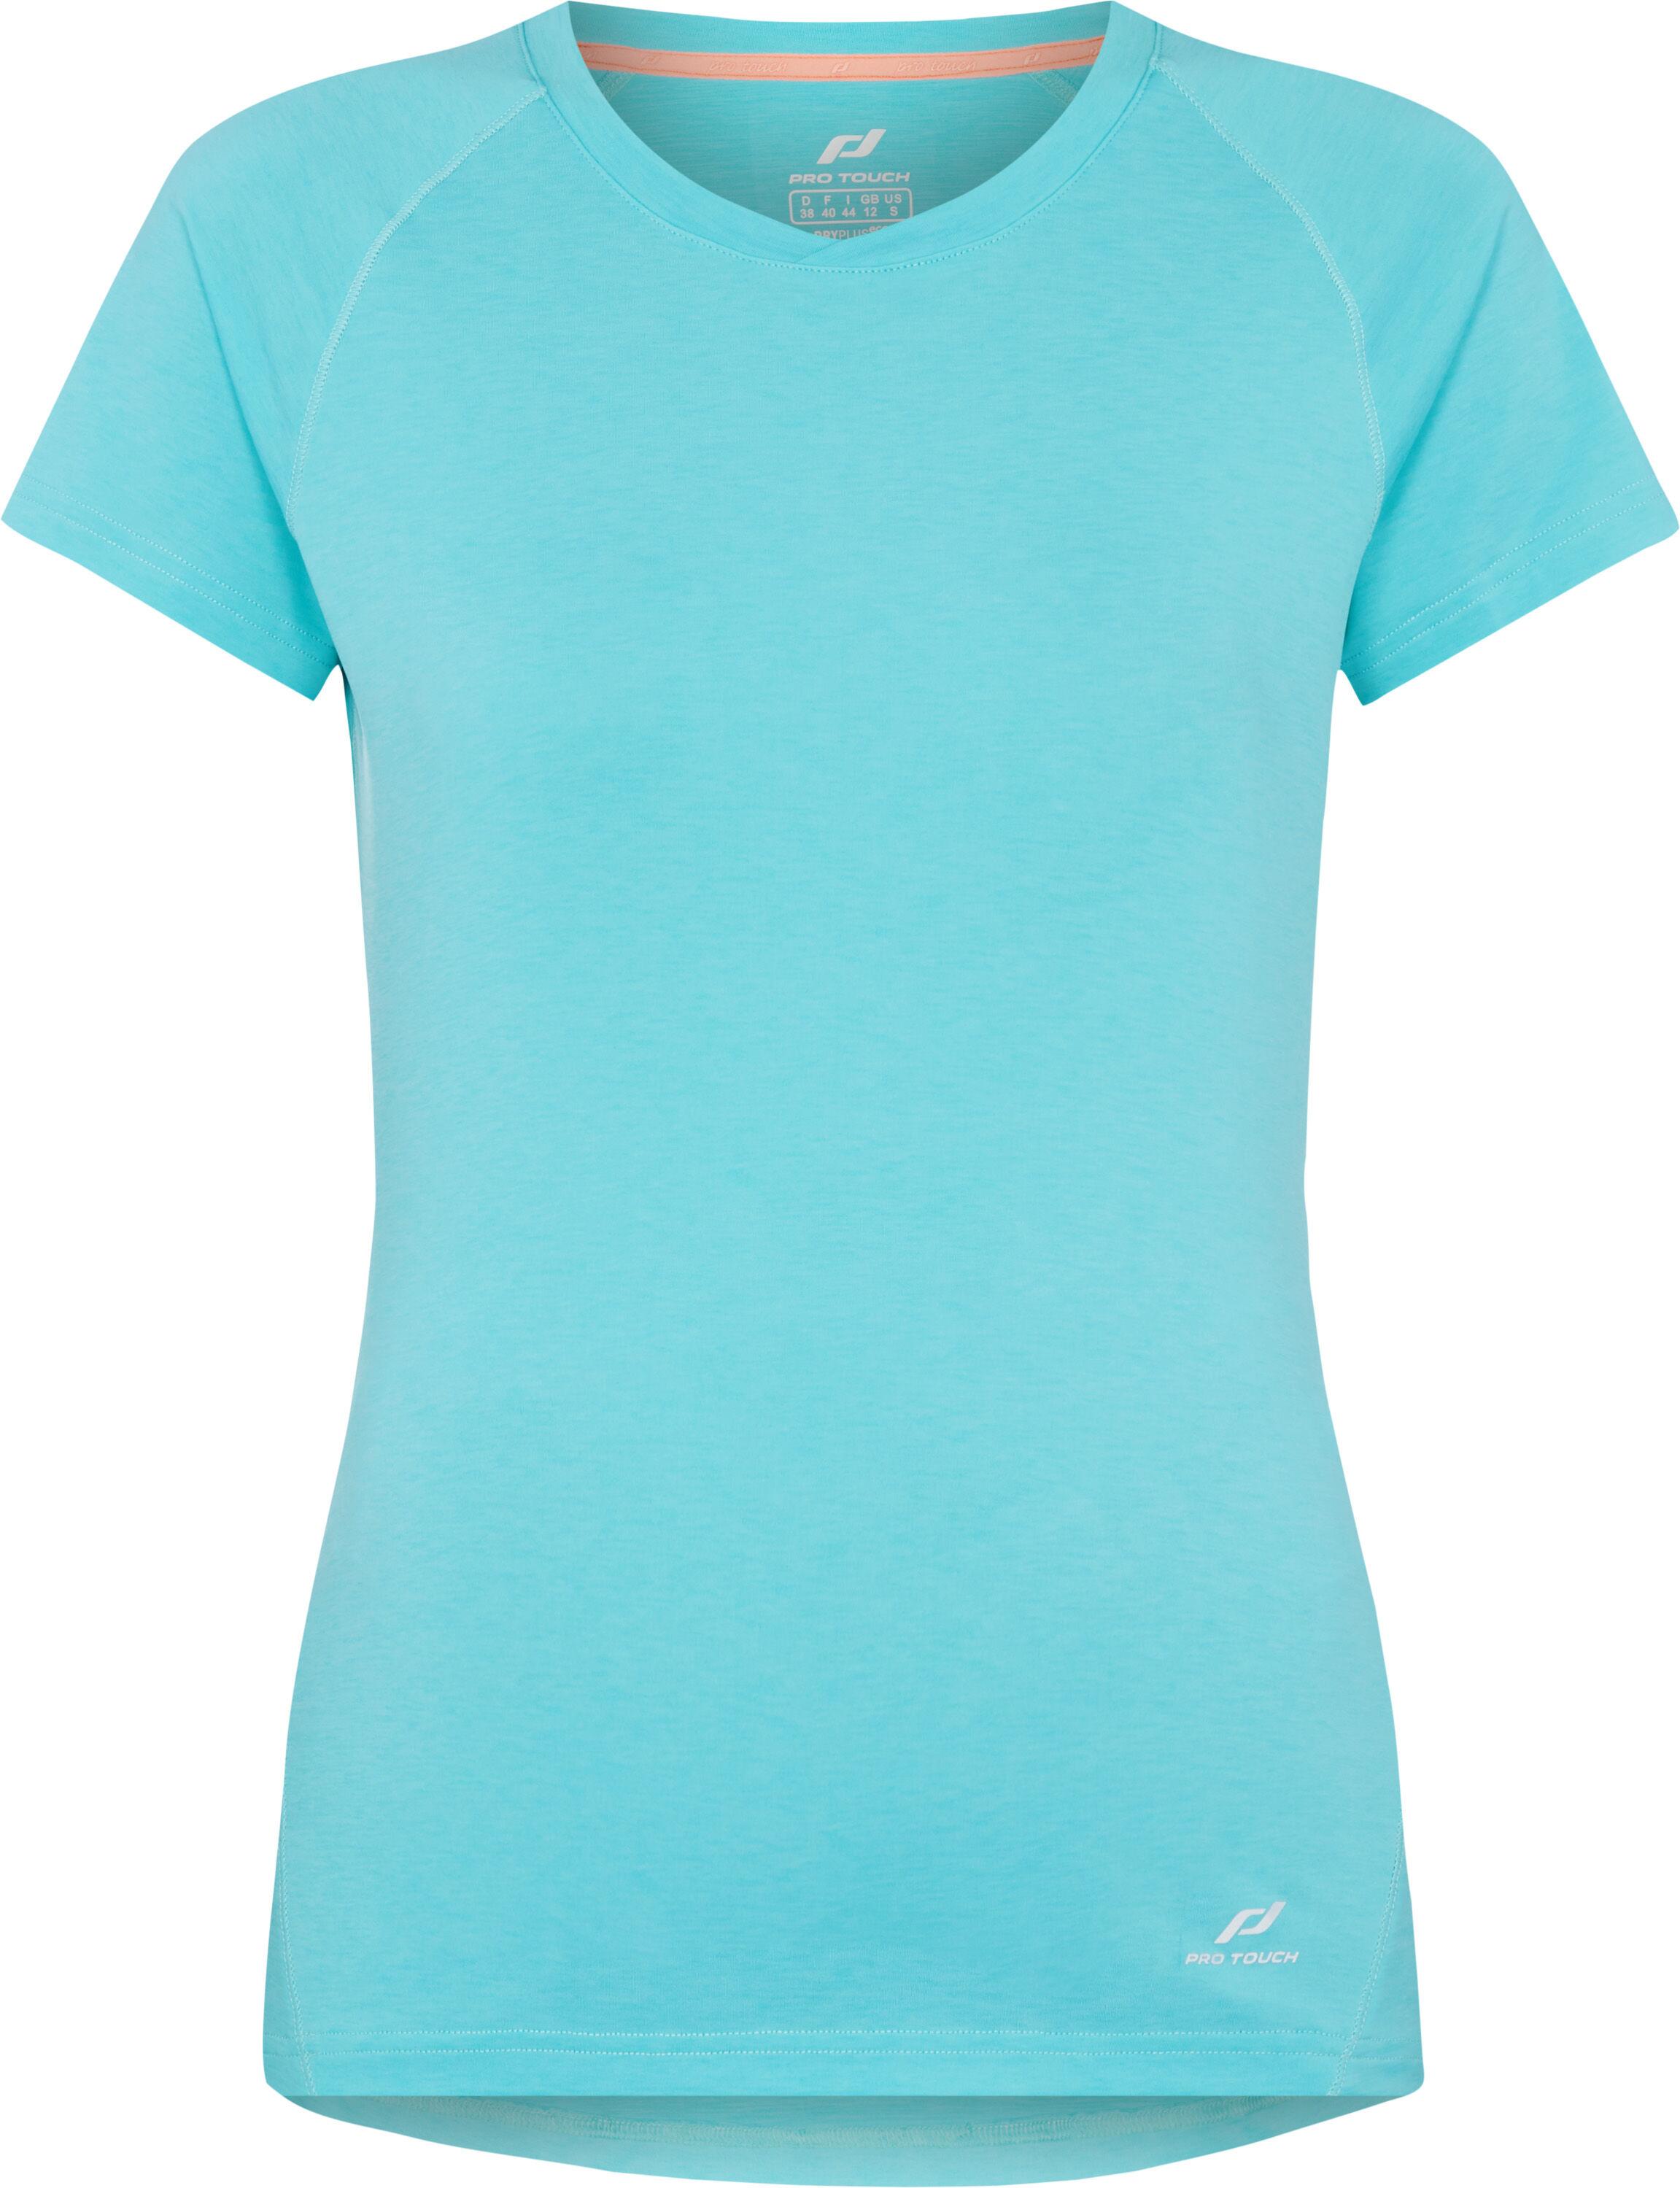 Hardloopshirt voor Dames kopen? Bekijk alle Hardloopshirts